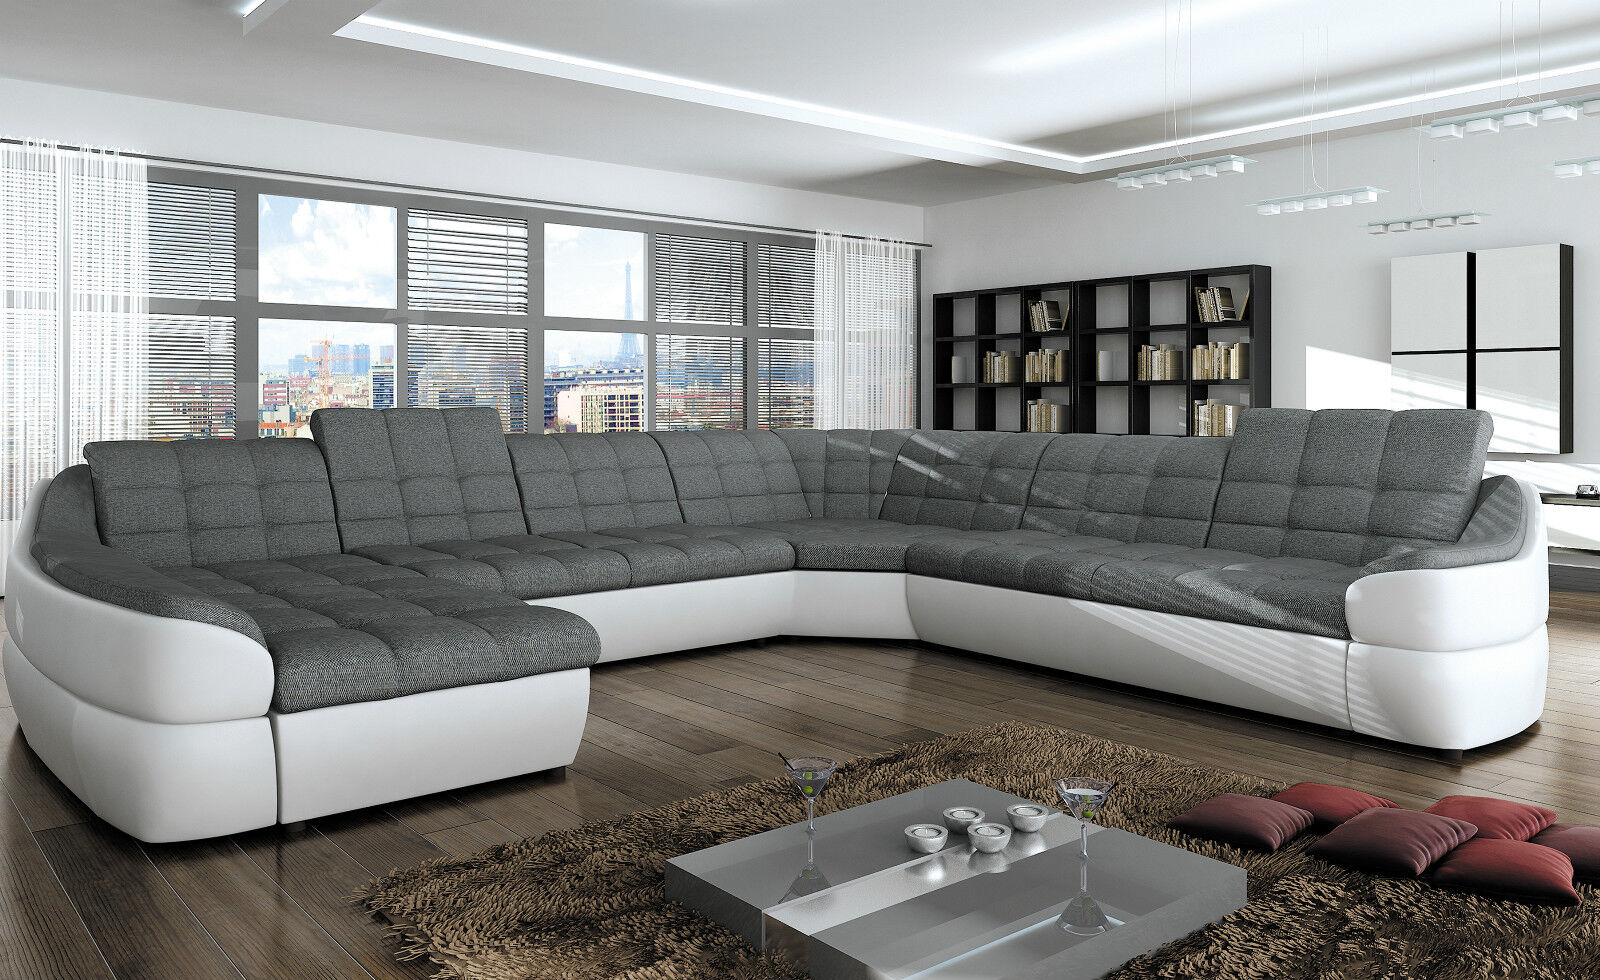 Couchgarnitur Infinity Xl U Sofa Mit Schlaffunktion Couch Polsterecke Ecksofa 1